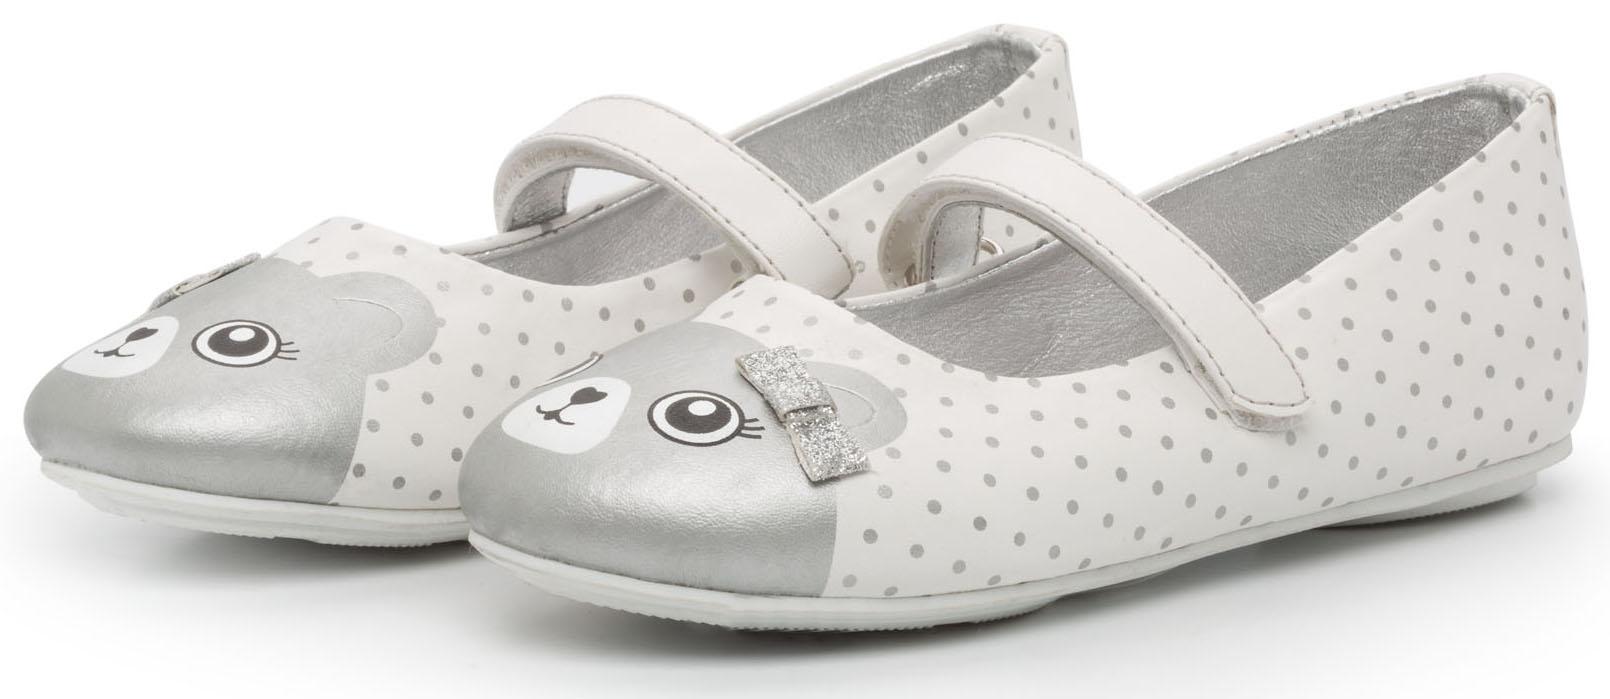 Туфли Barkito Туфли для девочки Barkito, белые с серебряной отделкой кан длинные тренды корейский досуг студент спортивные белые туфли черный белый 283112008 39 метров